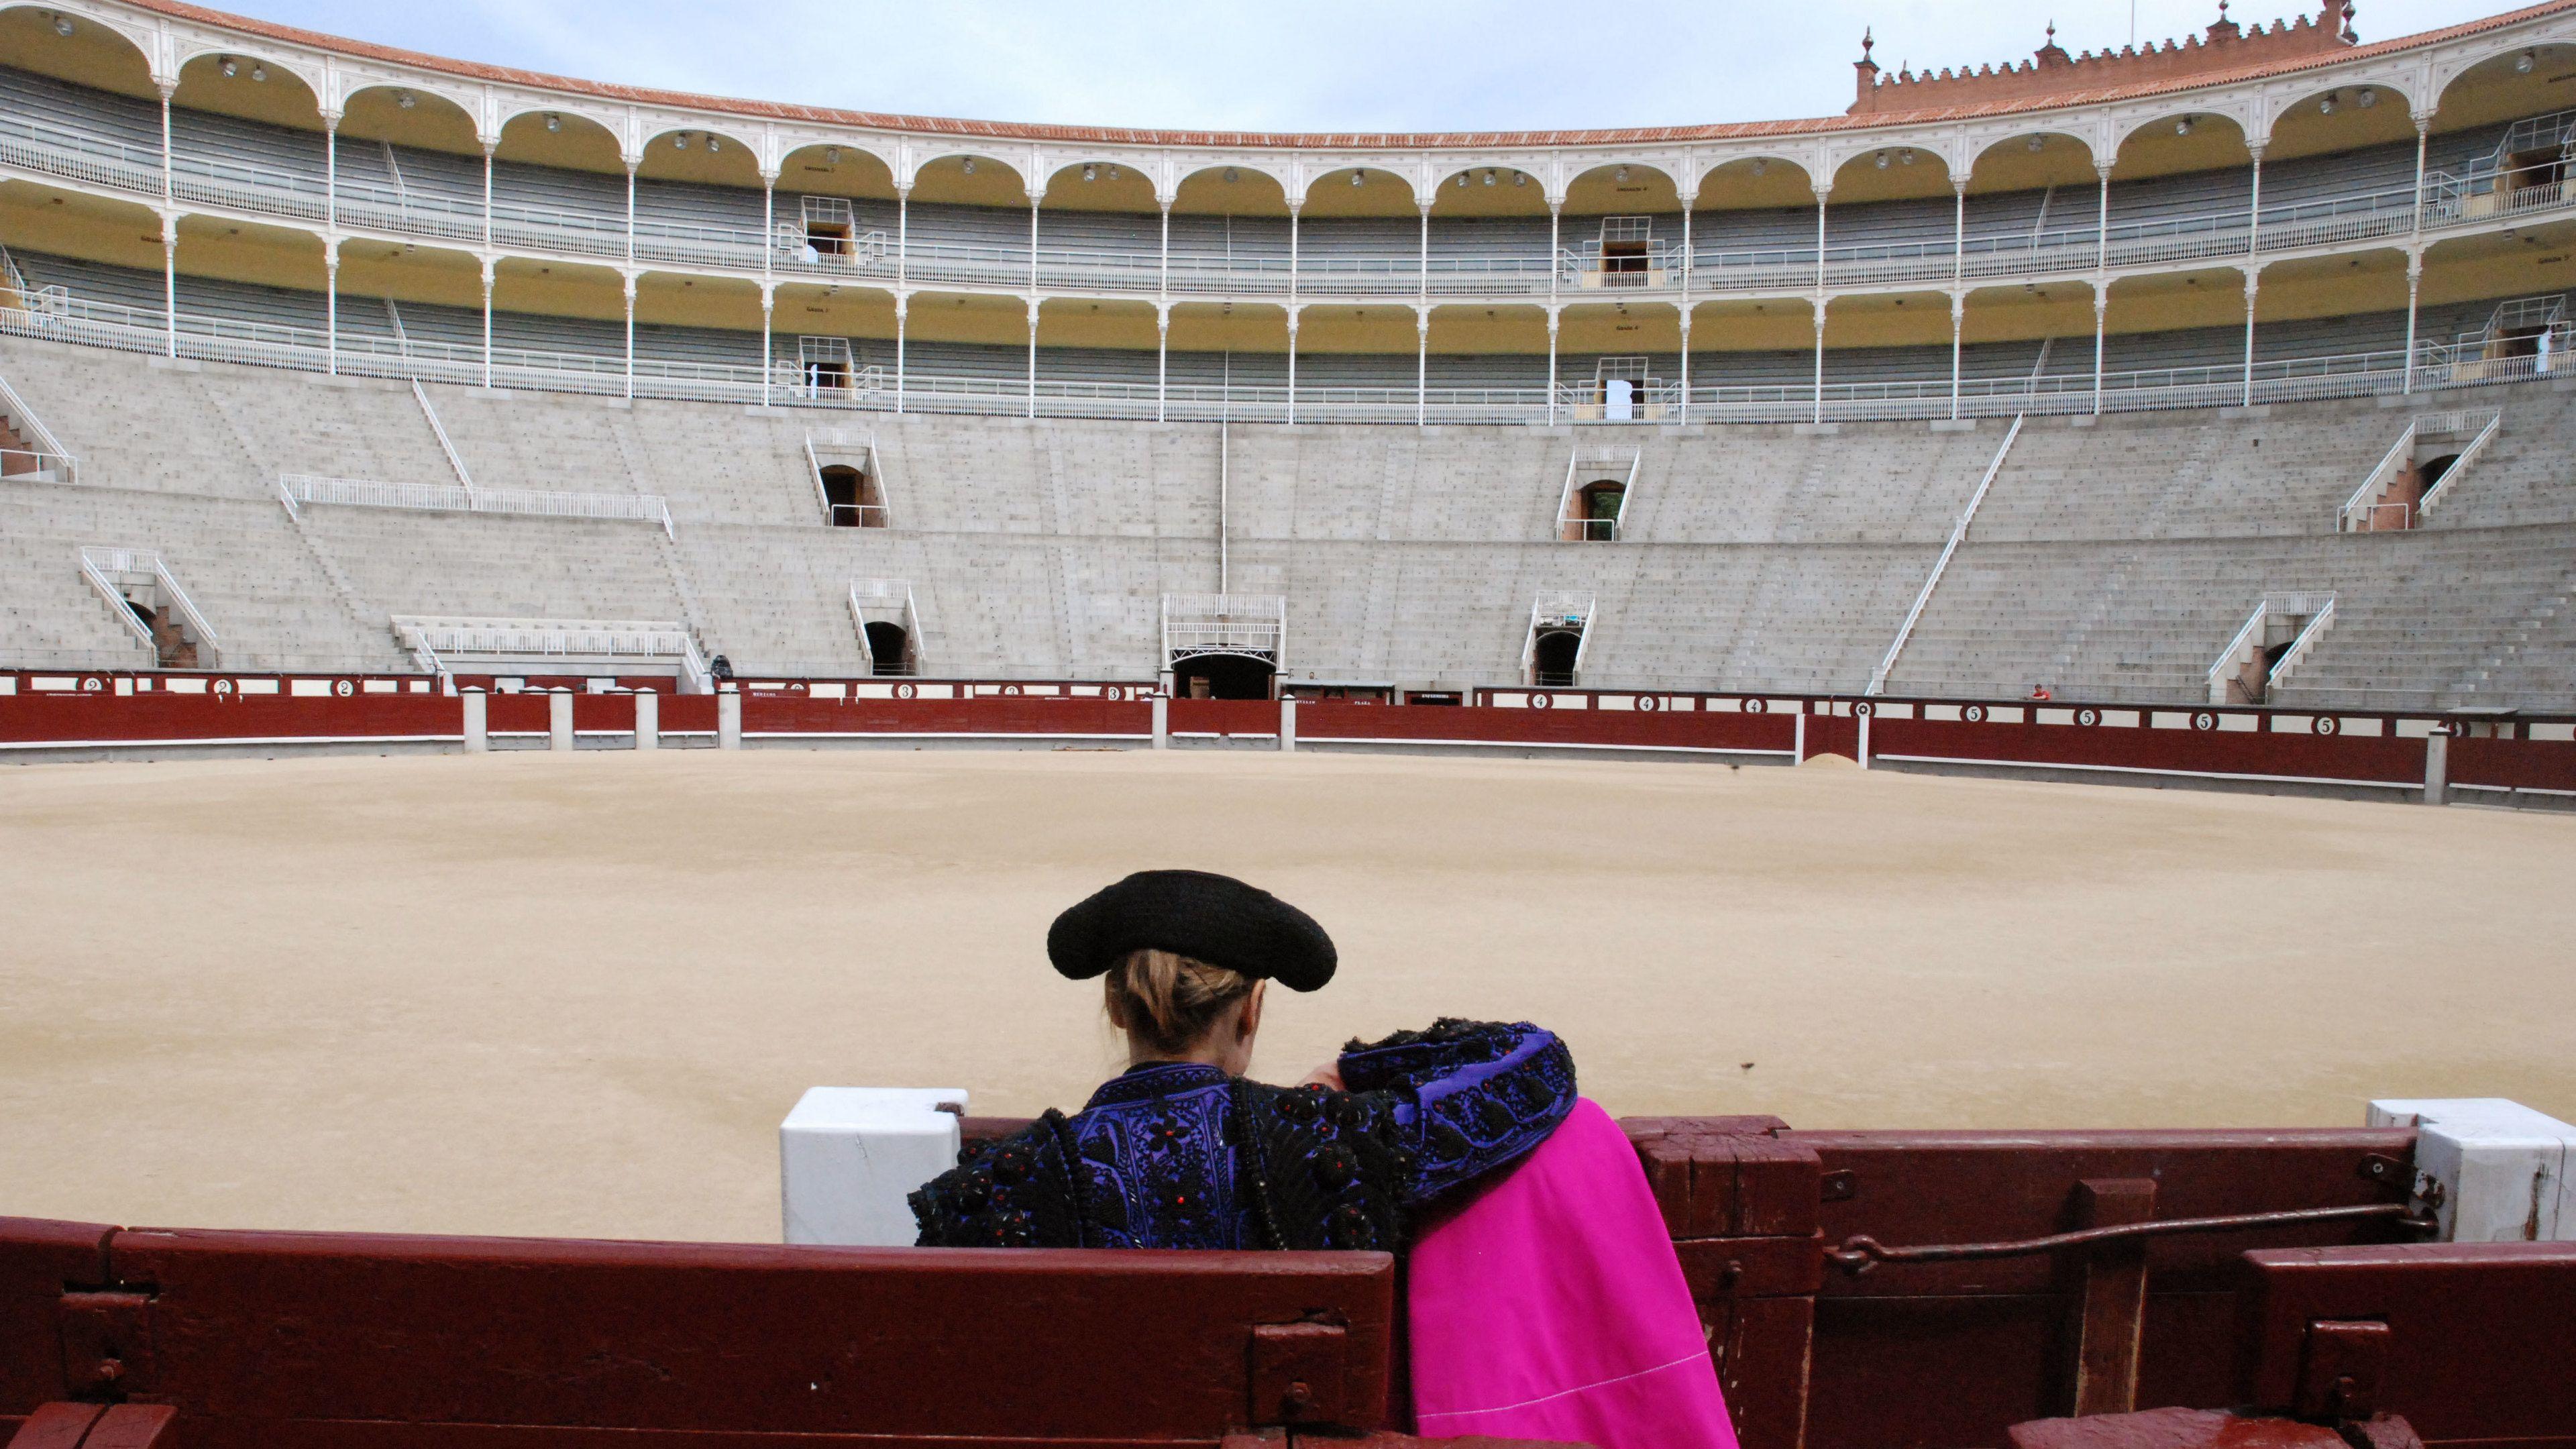 A woman standing inside Las Ventas in Madrid